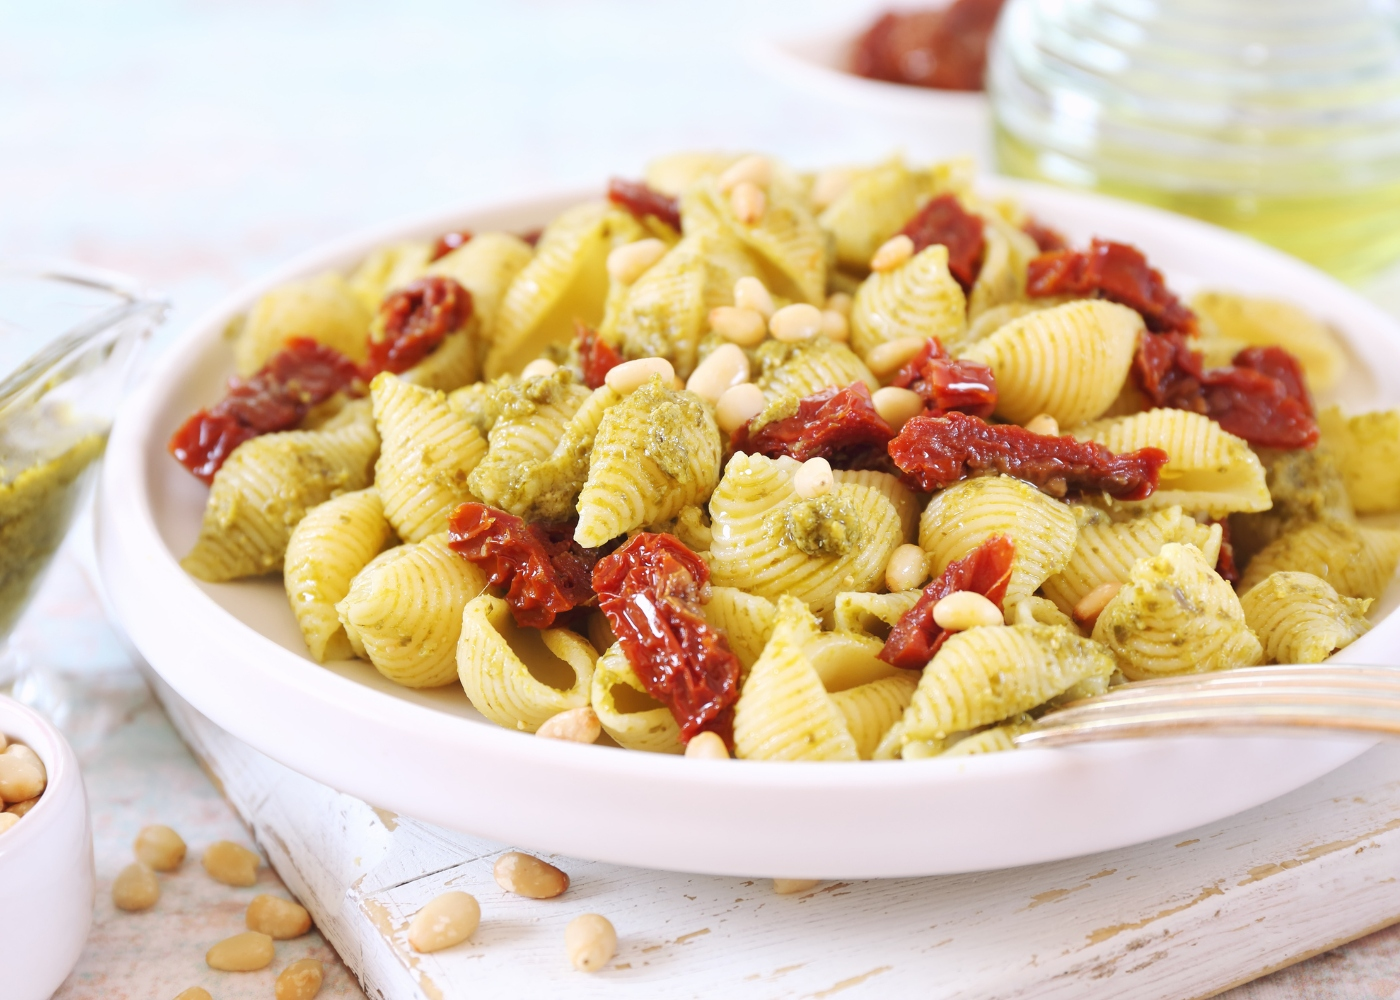 prato com massa com pesto de tomate seco e pinhões